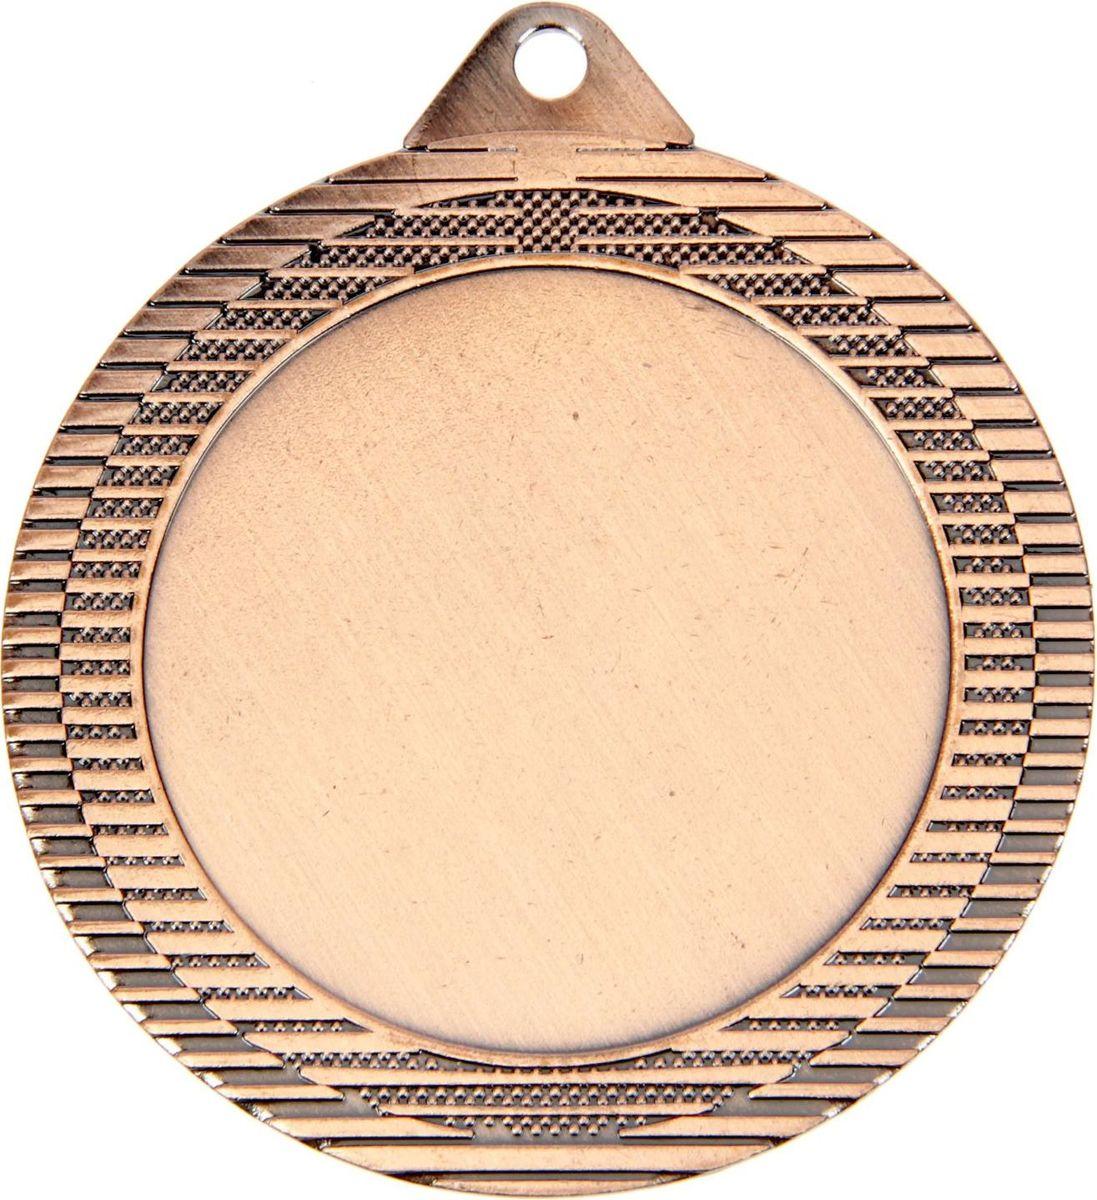 Медаль сувенирная с местом для гравировки, цвет: бронзовый, диаметр 7 см. 0411387687Пусть любая победа будет отмечена соответствующей наградой! Медаль — знак отличия, которым награждают самых достойных. Она вручается лишь тем, кто проявил настойчивость и волю к победе. Каждое достижение — это важное событие, которое должно остаться в памяти на долгие годы.Характеристики: Диаметр медали: 7 см Диаметр вкладыша (лицо): 5 см Диаметр вкладыша (оборот): 6 см